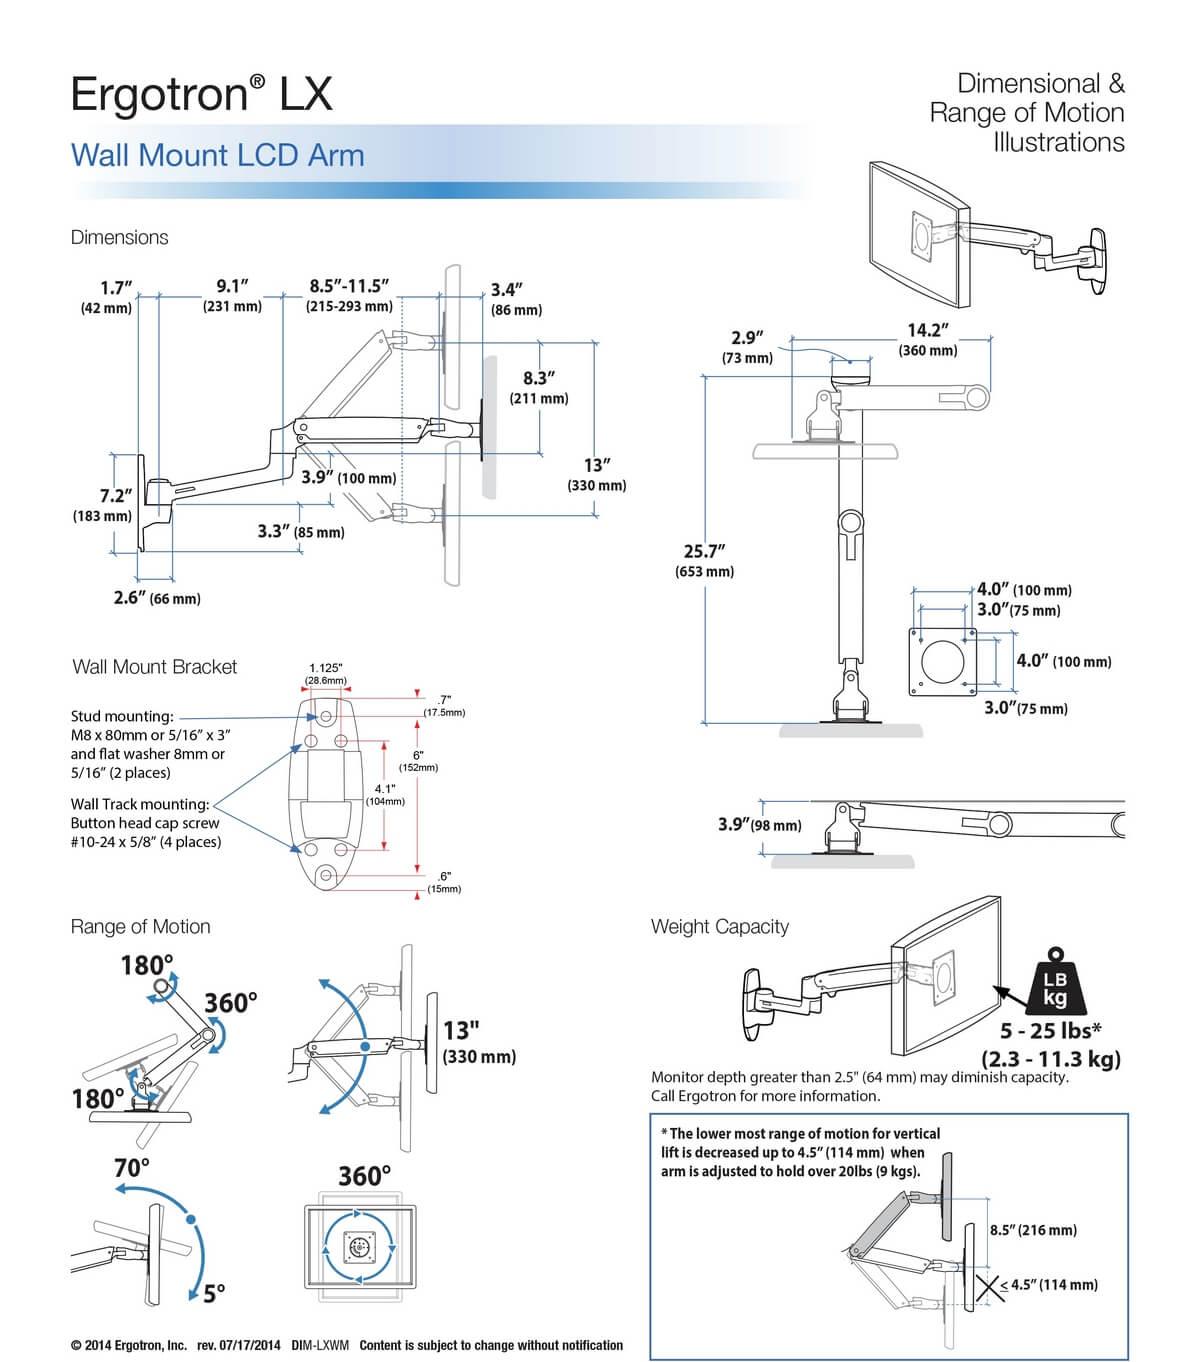 ERGOTRON - Наклонно-поворотный кронштейн ERG-LXARM-243-026 с регулировкой по высоте